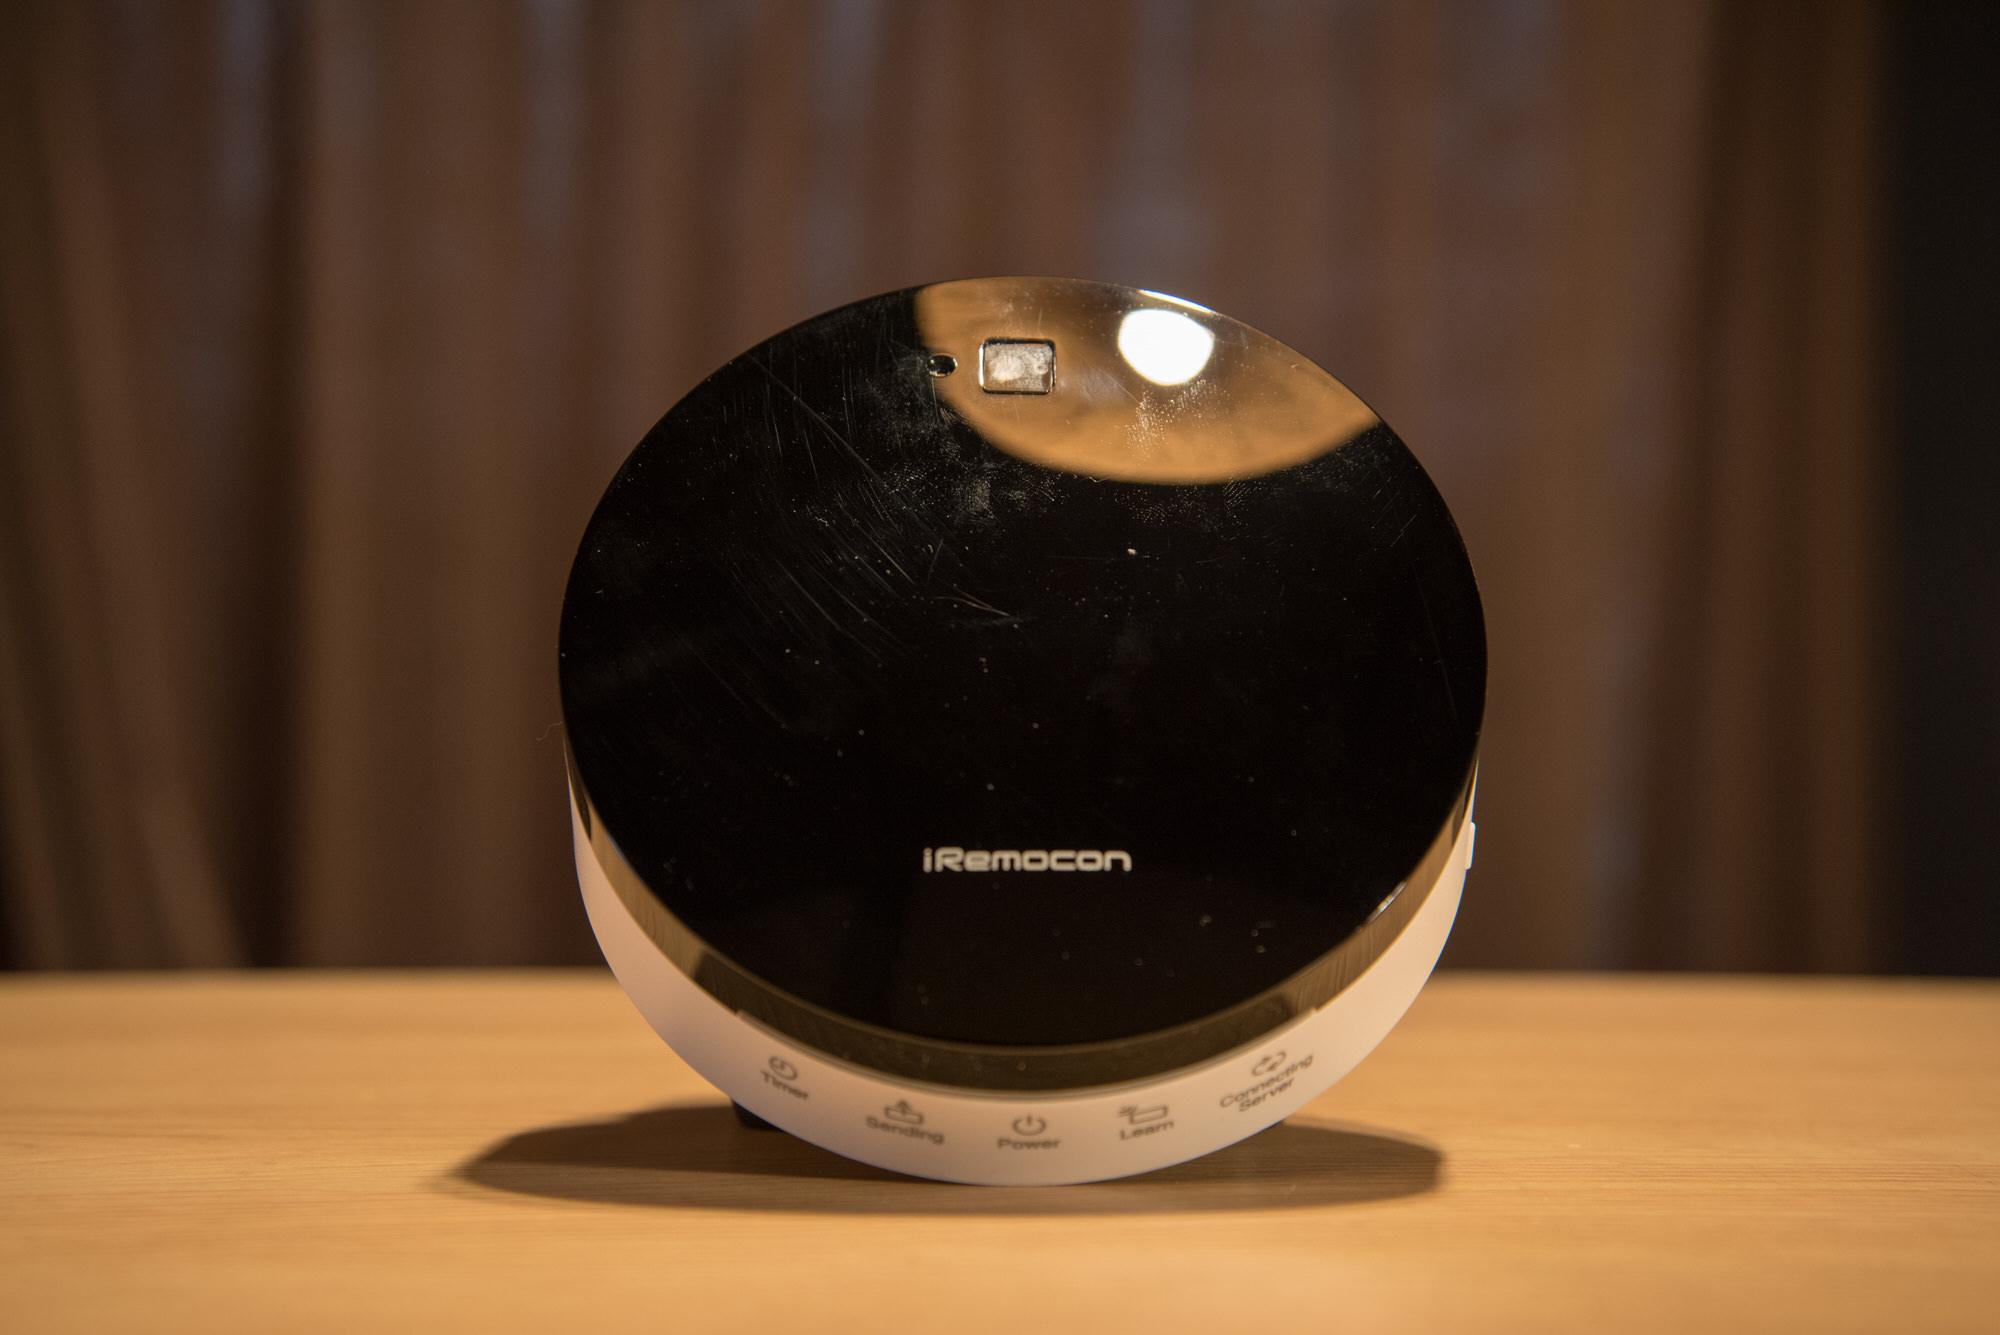 iRemocon WiFiの画像